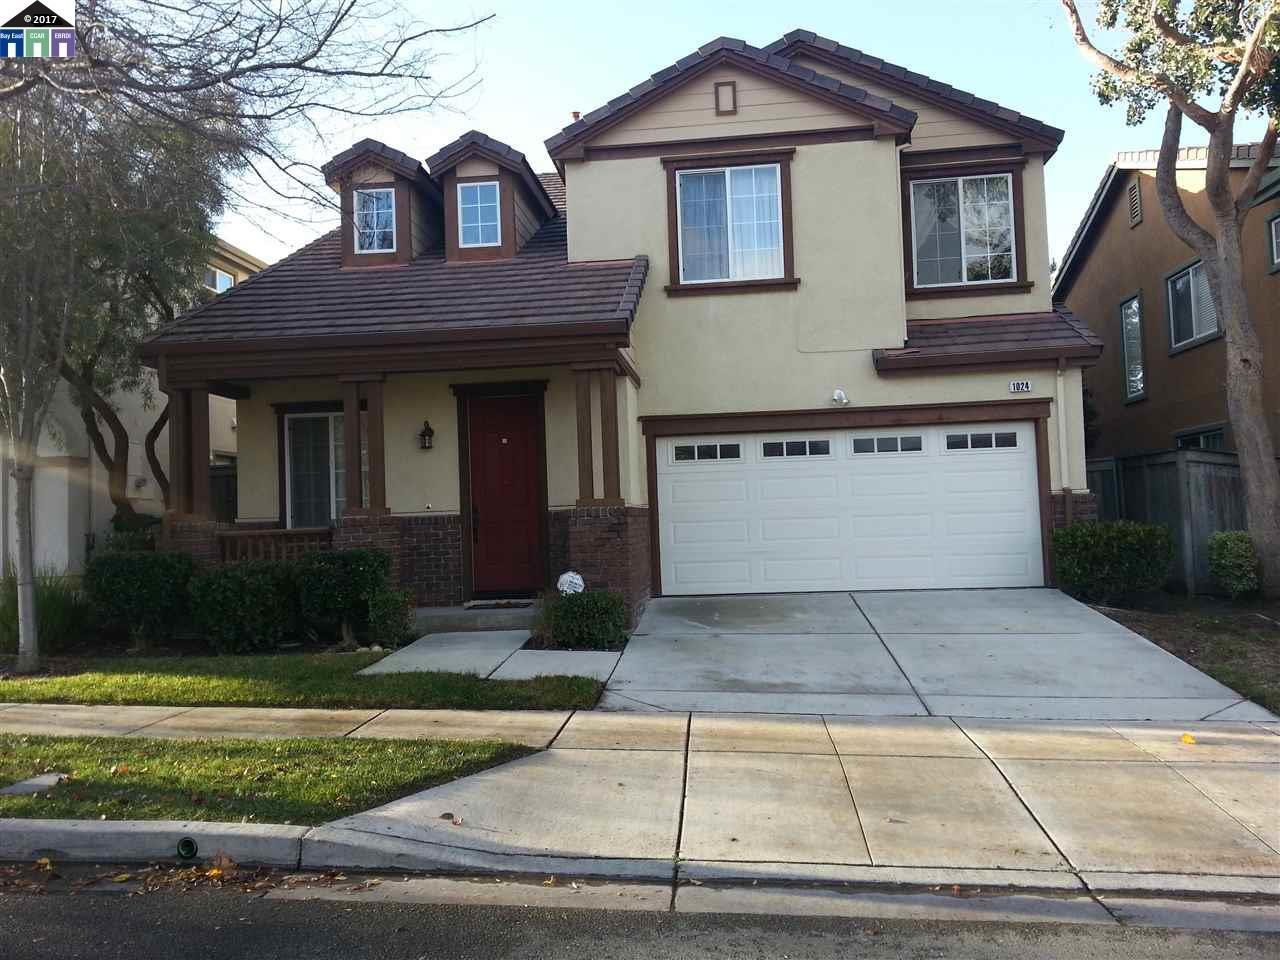 Maison unifamiliale pour l Vente à 1024 Crepe Myrtle Hercules, Californie 94547 États-Unis